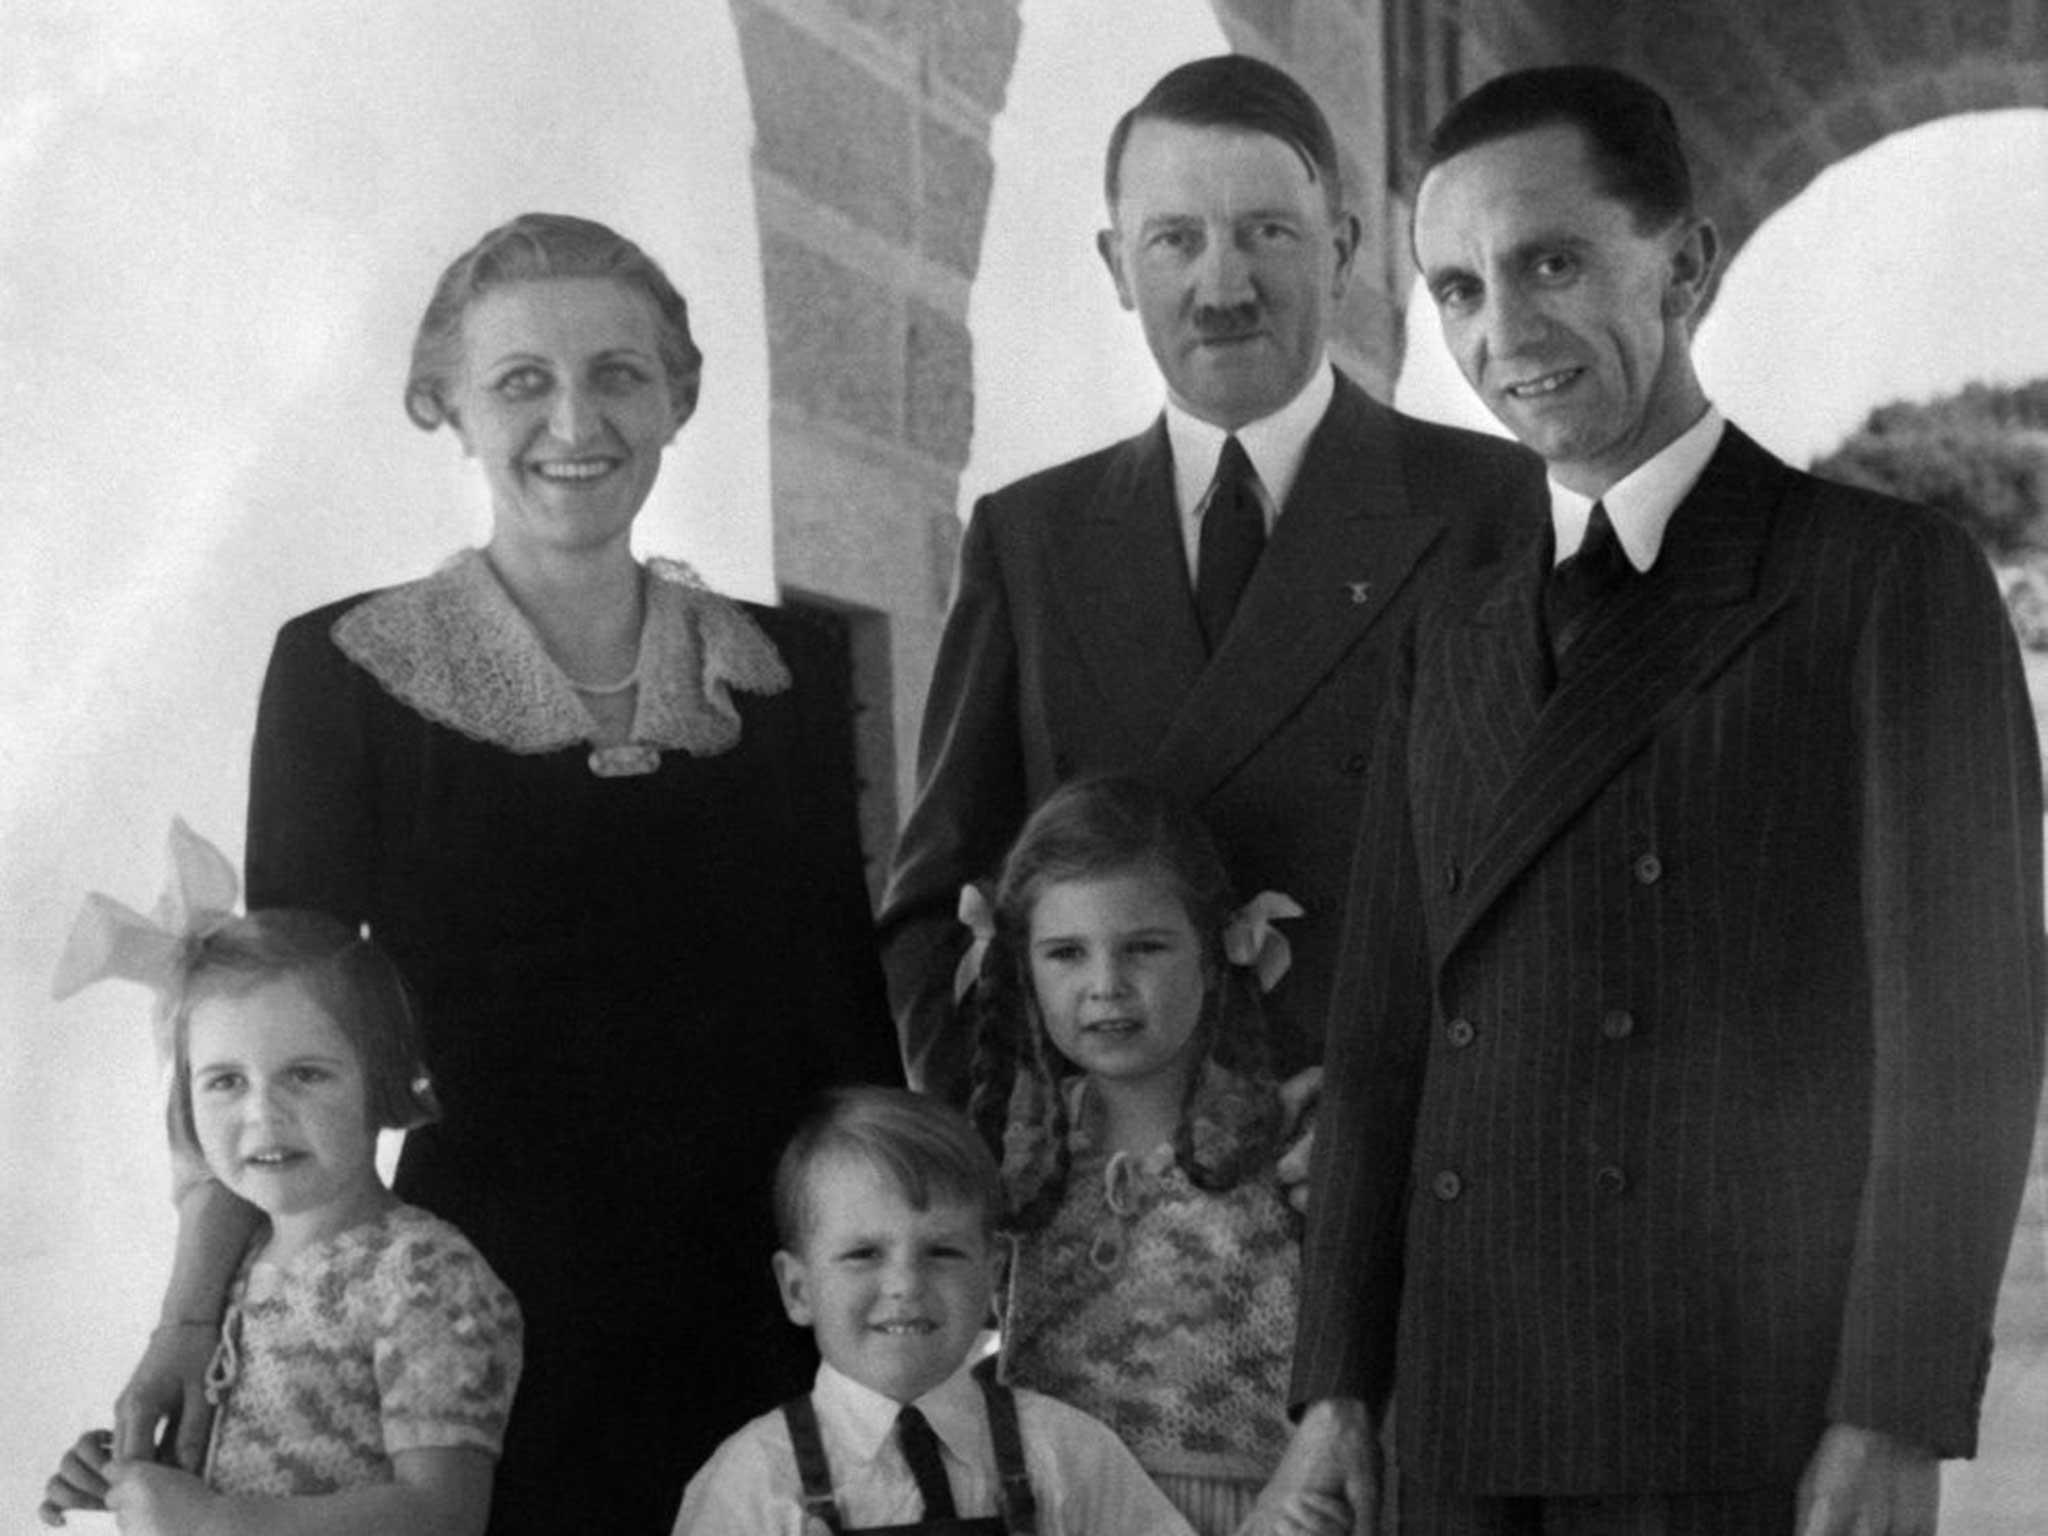 добрый палач семья геббельс и гитлер